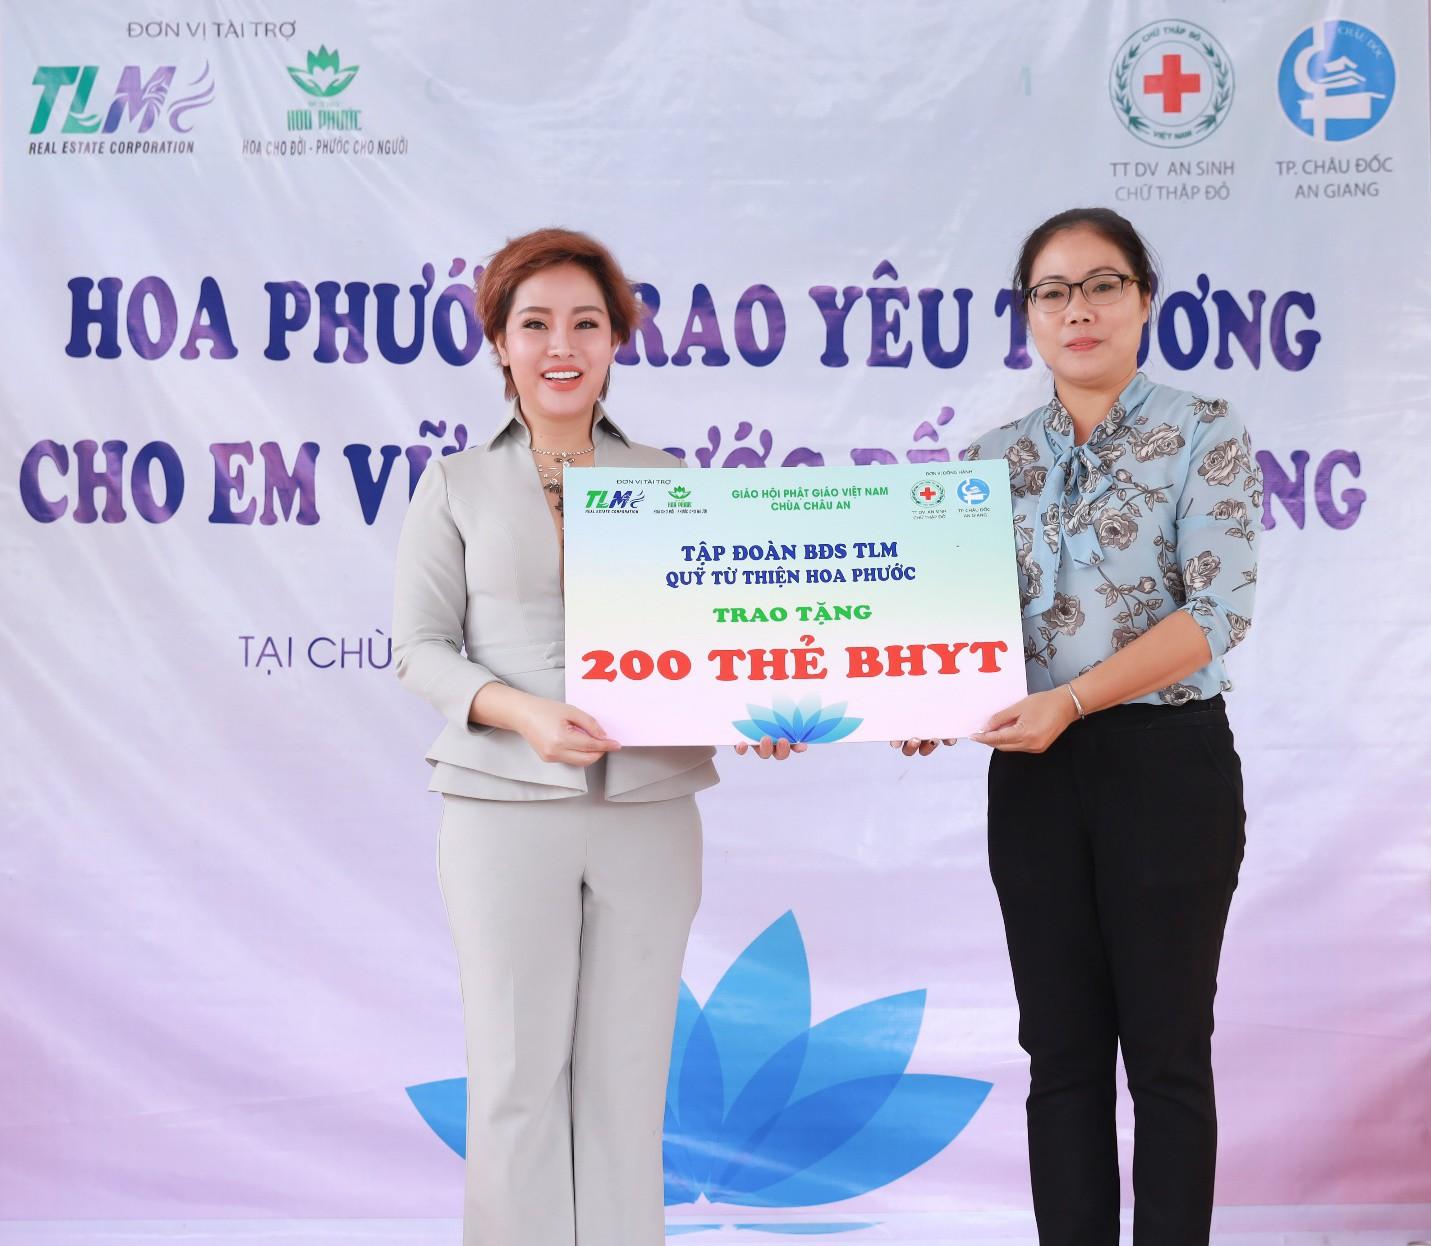 Nhà phát triển dự án King Bay tặng 200 thẻ BHYT cho học sinh nghèo An Giang - Ảnh 1.